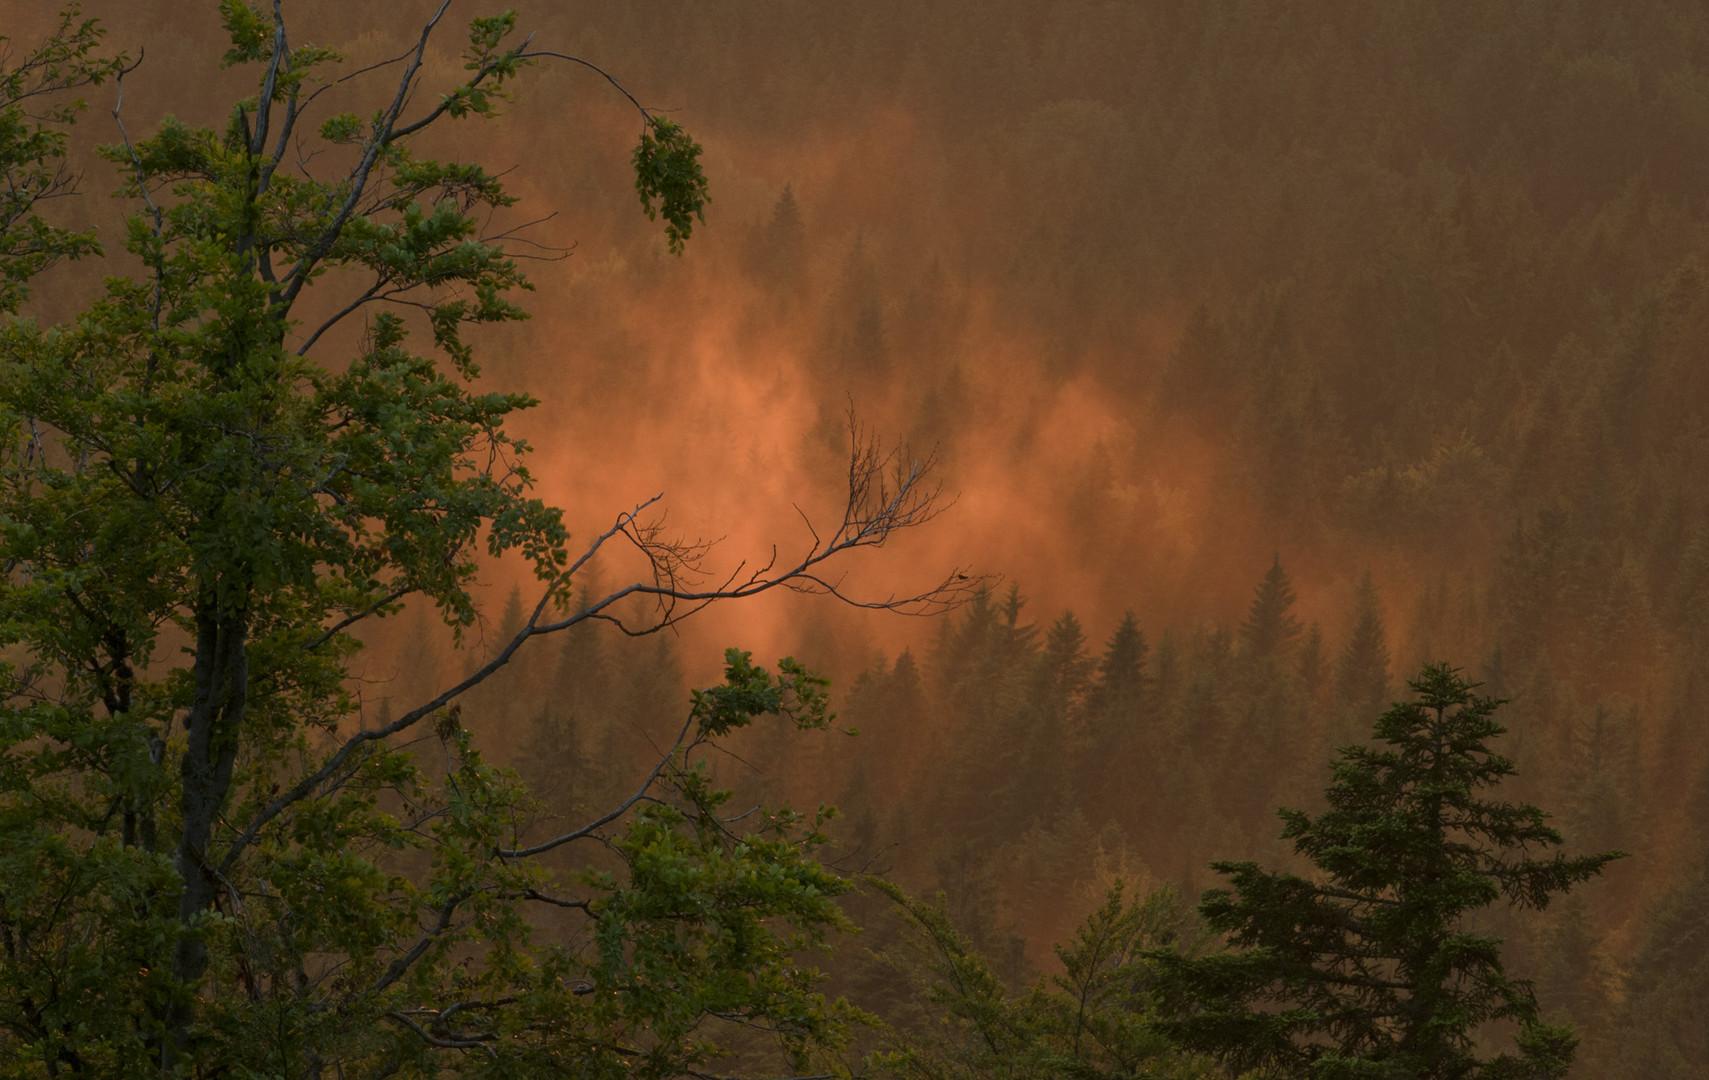 Fichten im Nebel, beleuchtet von der untergehenden Sonne